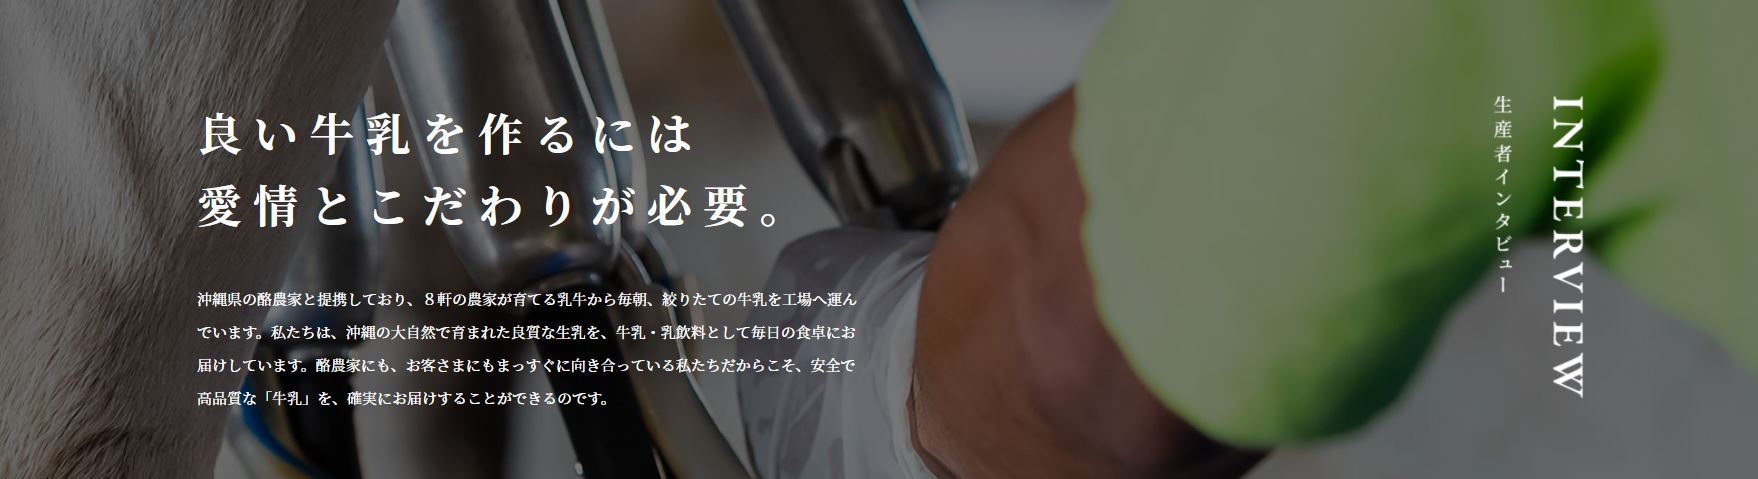 宮平牛乳生産者インタビュー|宮平牛乳を扱った宮平ジェラート(アイスクリーム)の通販オンラインショップ|沖縄宮平グッズ